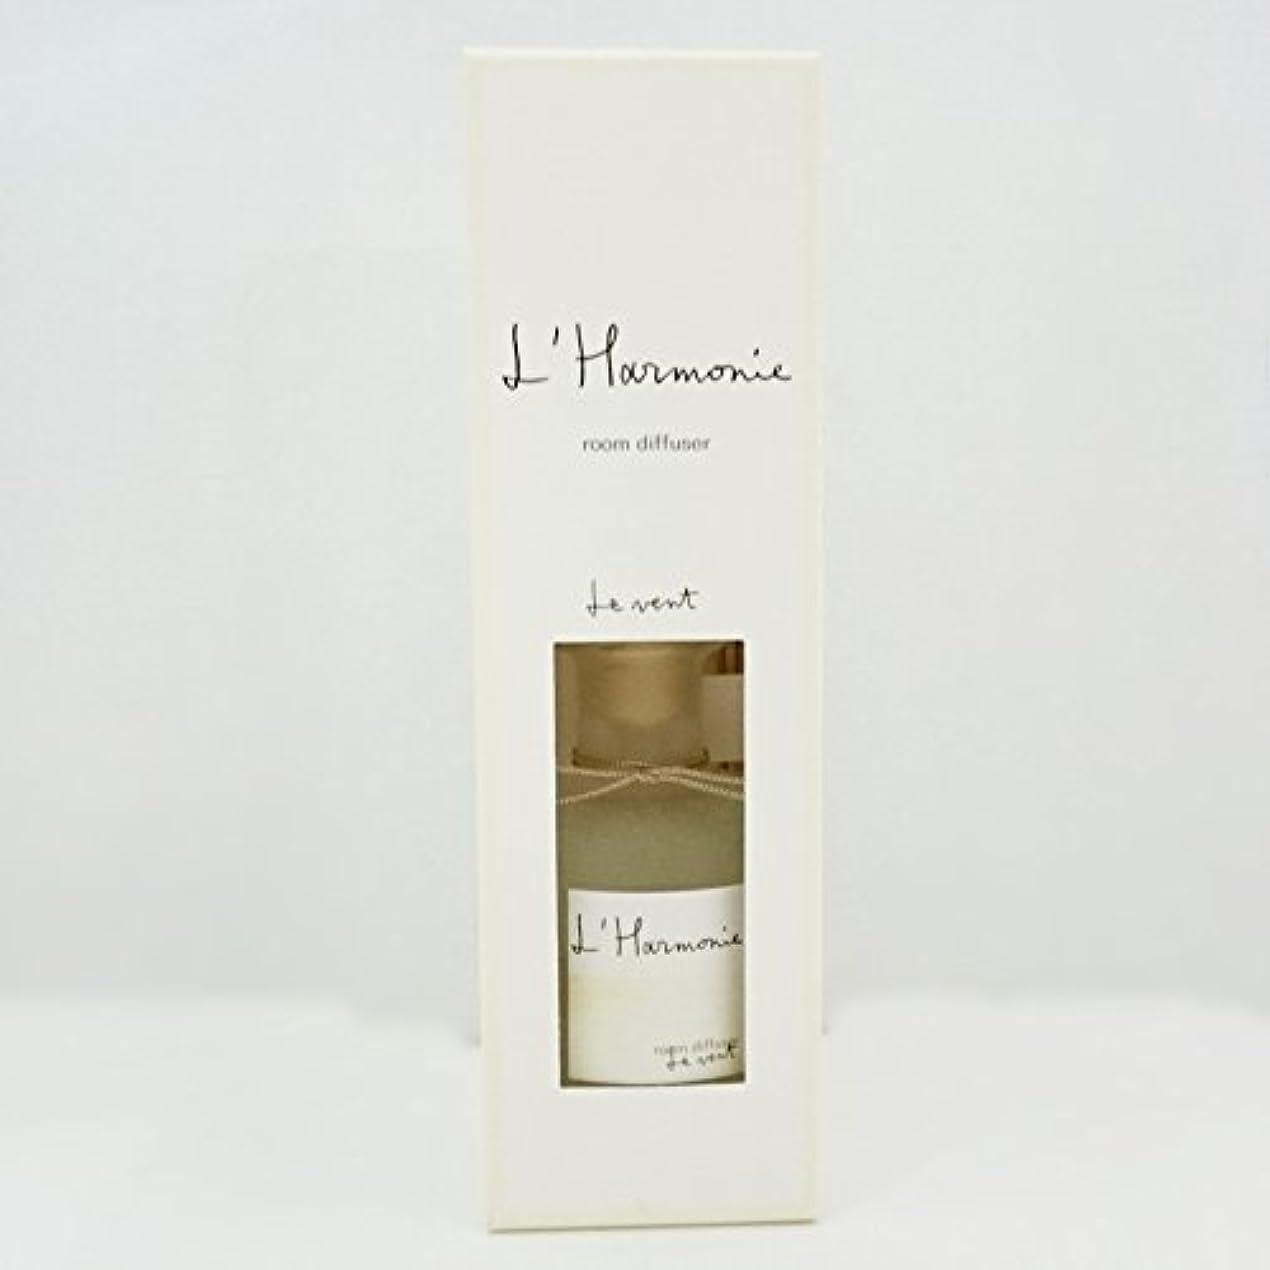 密輸キャンバス殺しますLothantique(ロタンティック) L' Harmonie(アルモニ) ルームディフューザー 200ml 「Le vent(ヴァン)」 4994228024640